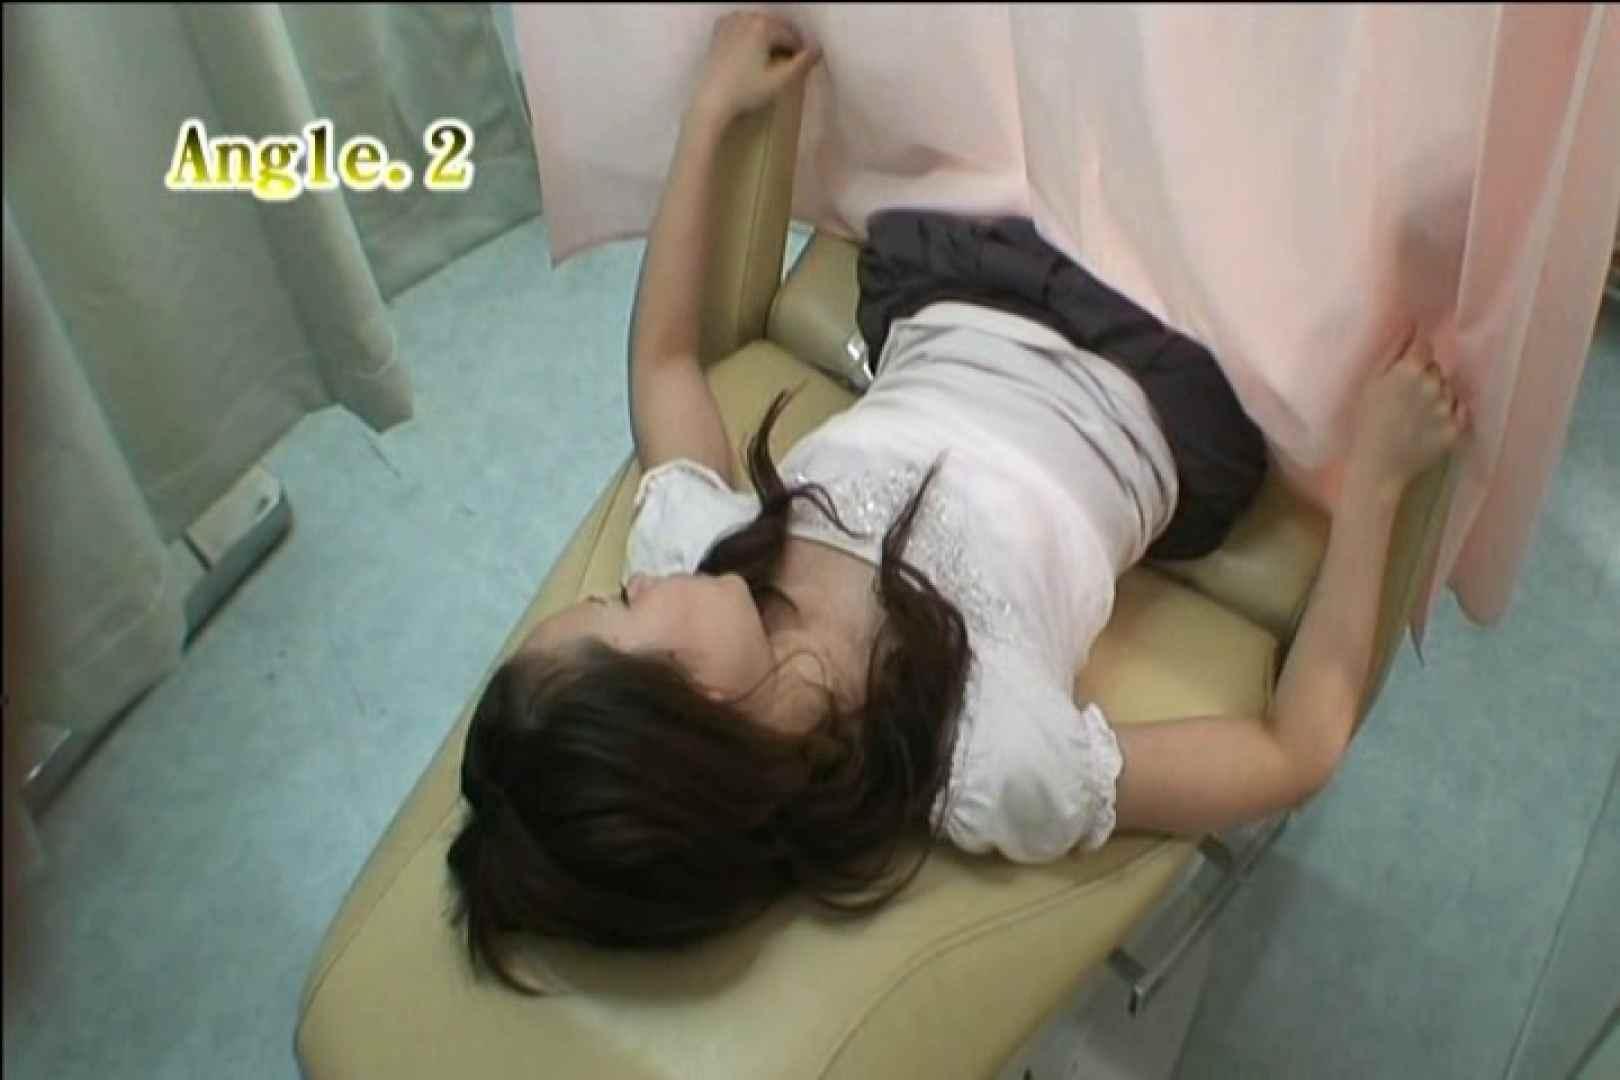 患者のおまんこをコレクションする変態医師の流出映像Vol.2 おまんこ無修正 エロ無料画像 86画像 50